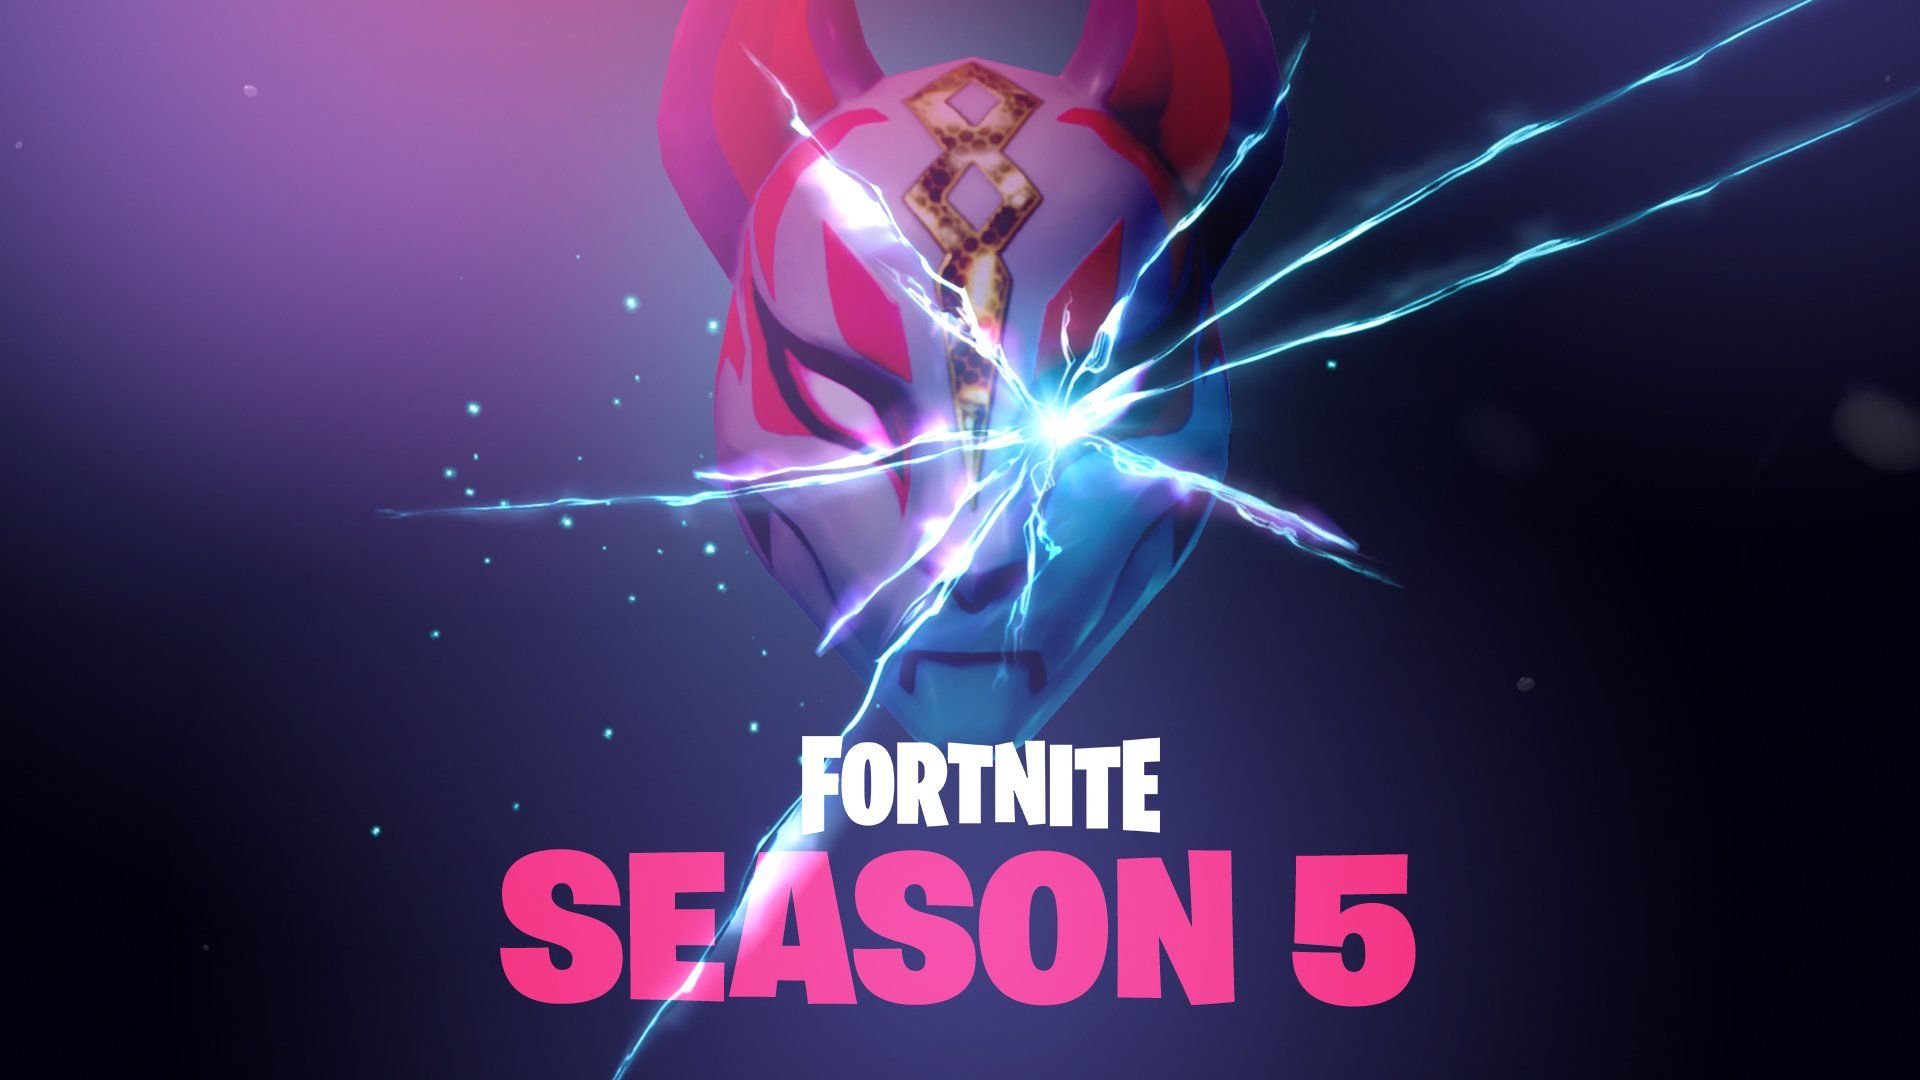 Fortnite Season 5 Kitsune skins